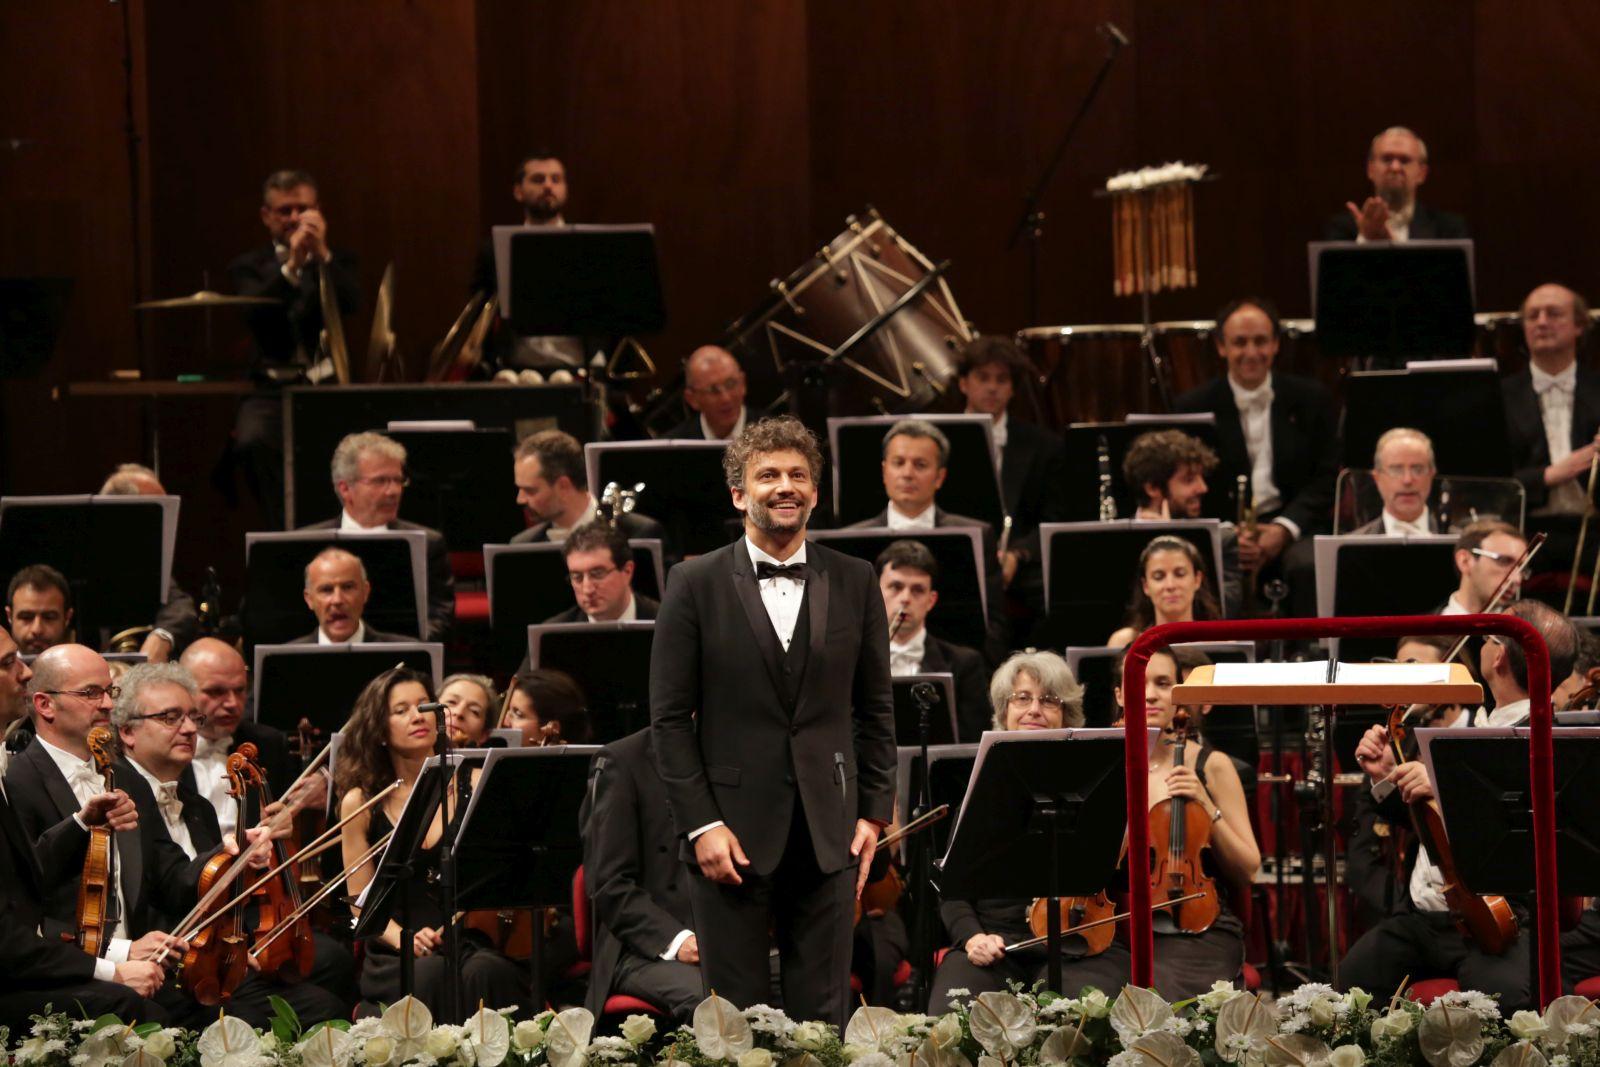 Jonas Kaufmann - Una serata con Puccini: Jonas Kaufmann e dietro di lui l'orchestra sul palco